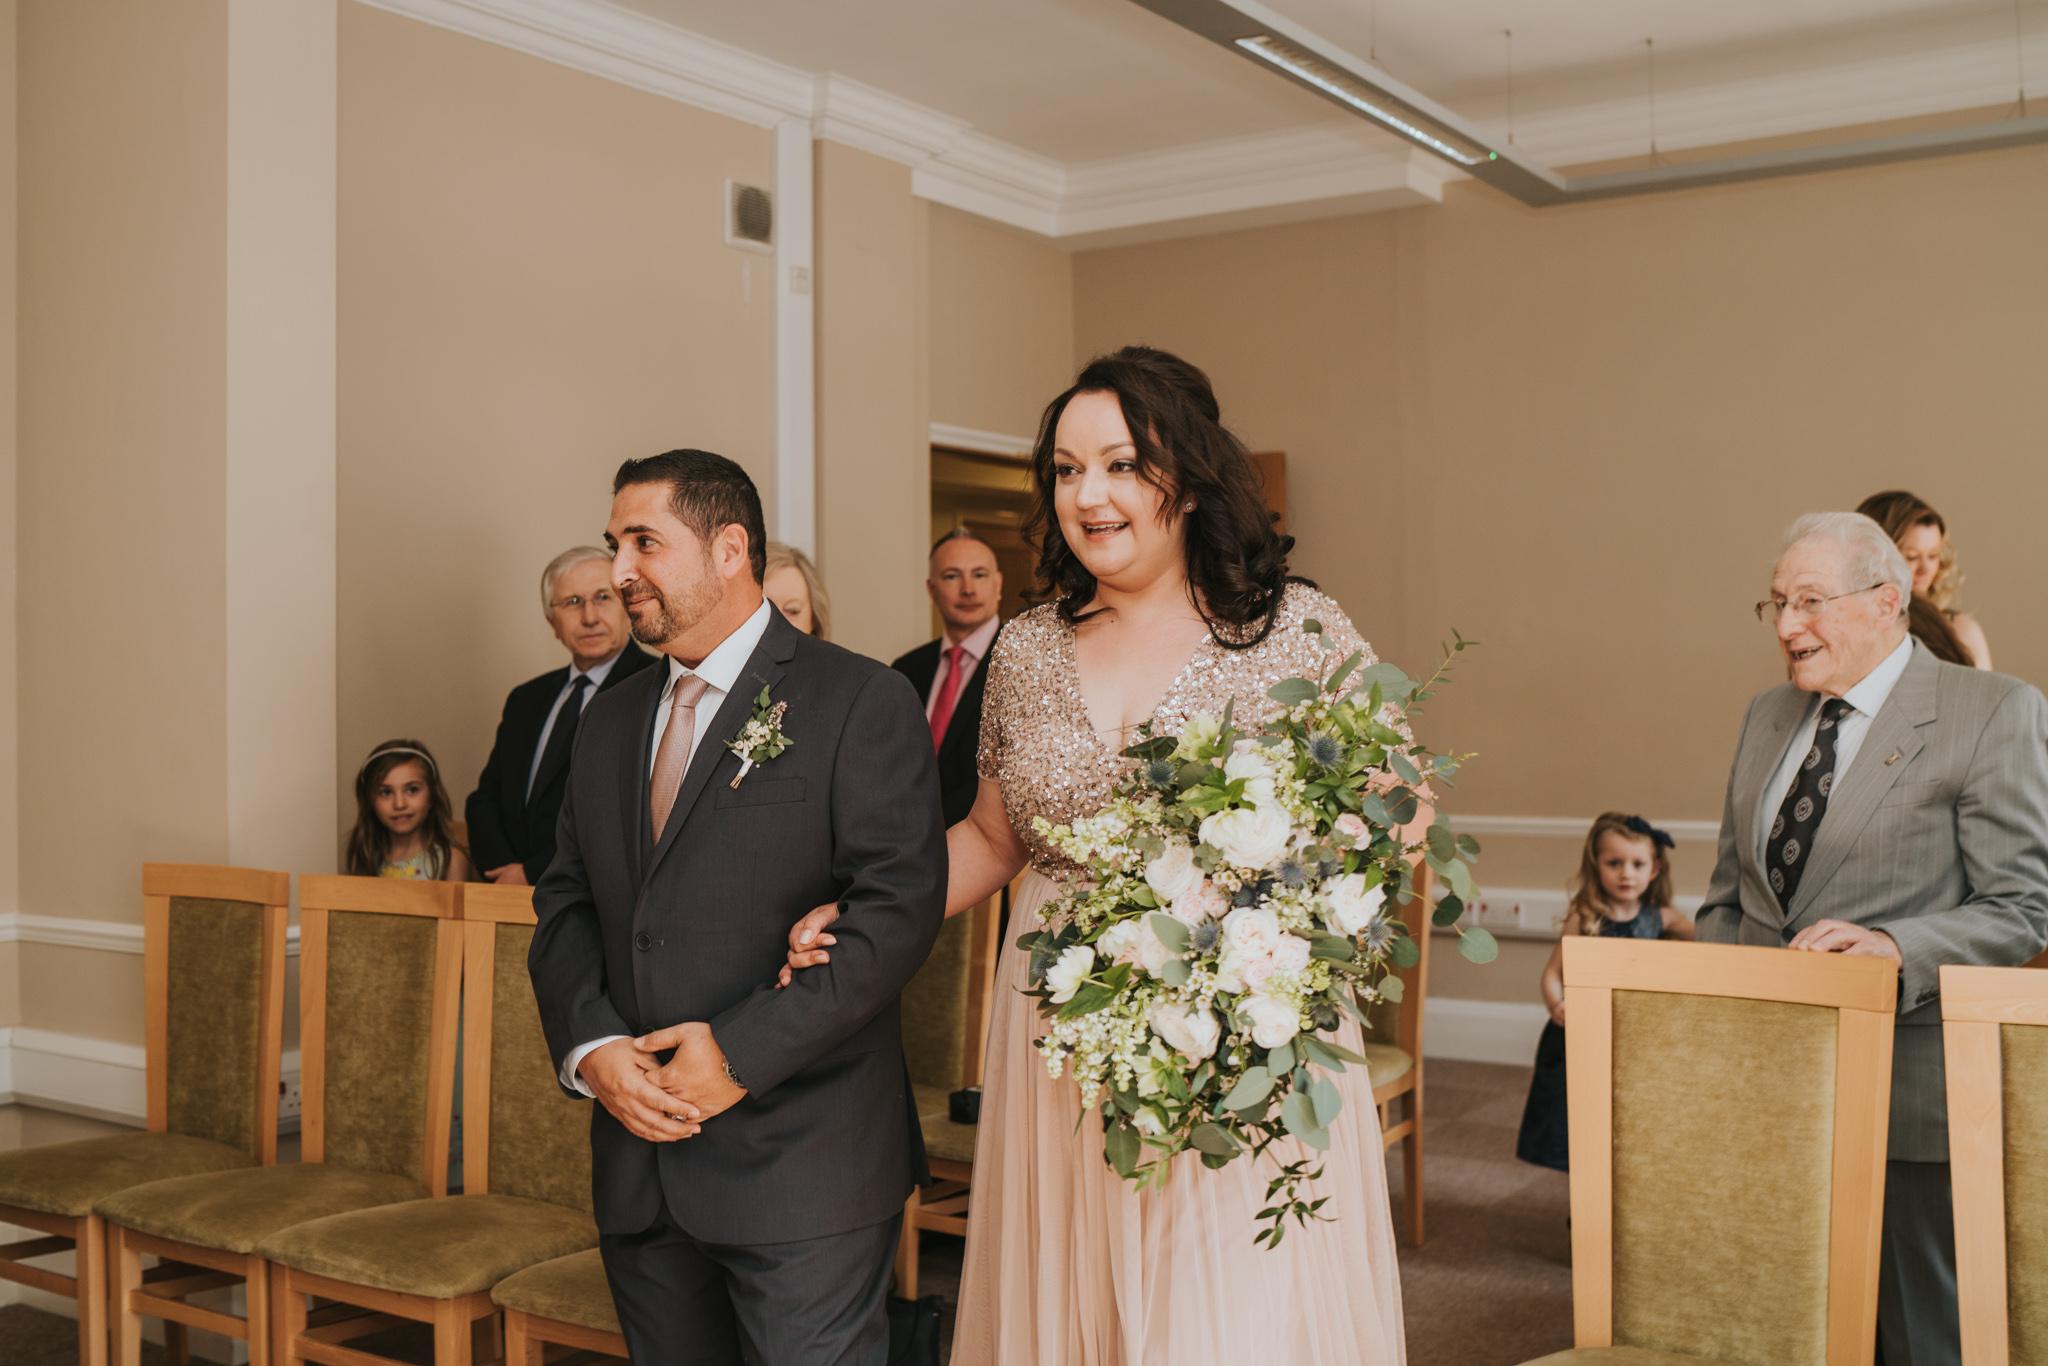 yuliya-yafith-colchester-essex-woodland-elopement-alternative-wedding-photographer-grace-elizabeth-essex-suffolk-norfolk-devon (31 of 40).jpg